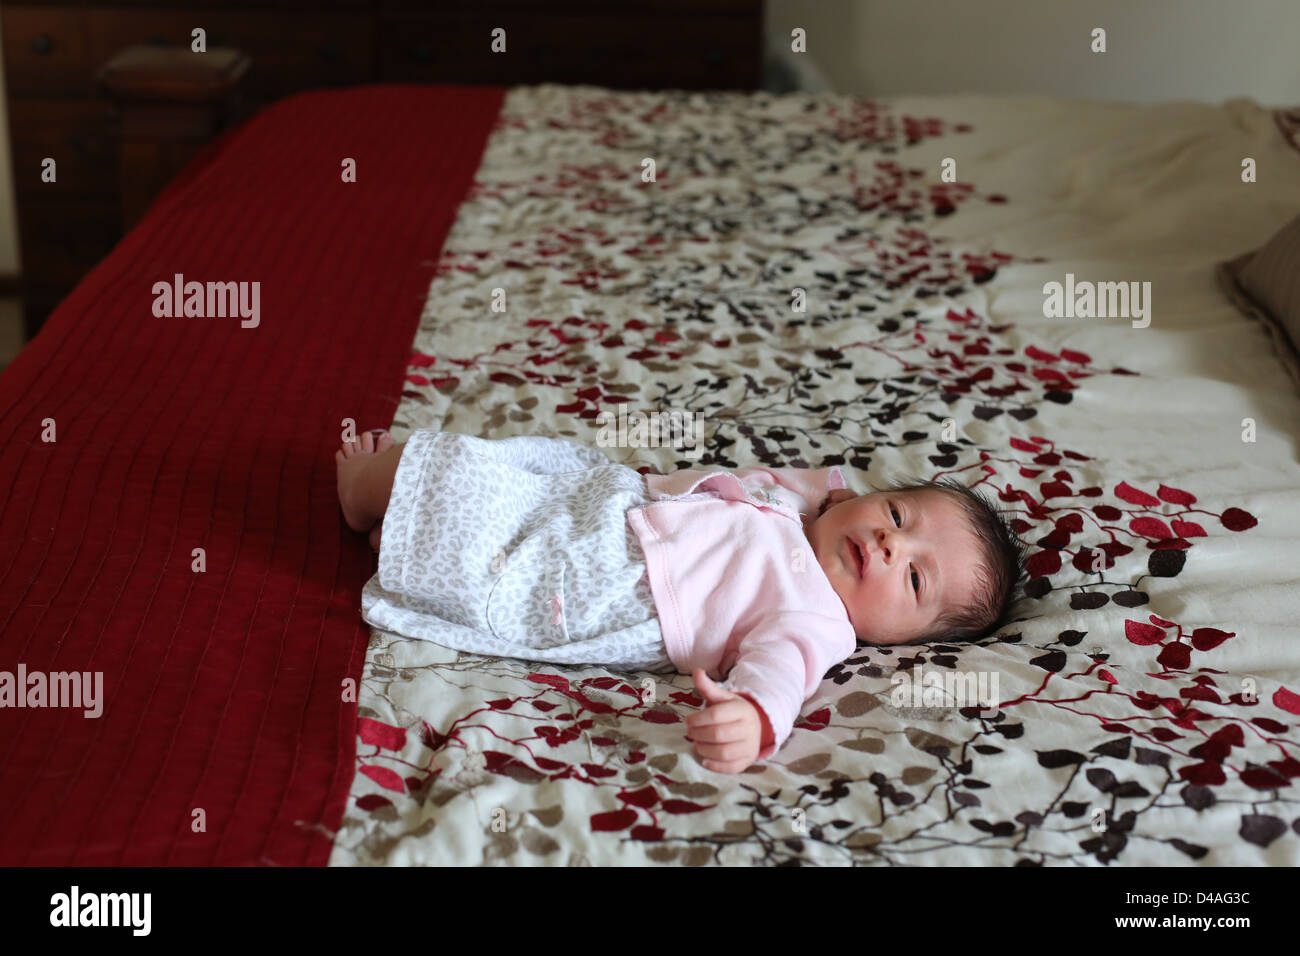 Um pequeno bebê recém-nascido deitado sobre uma cama grande. Imagens de Stock